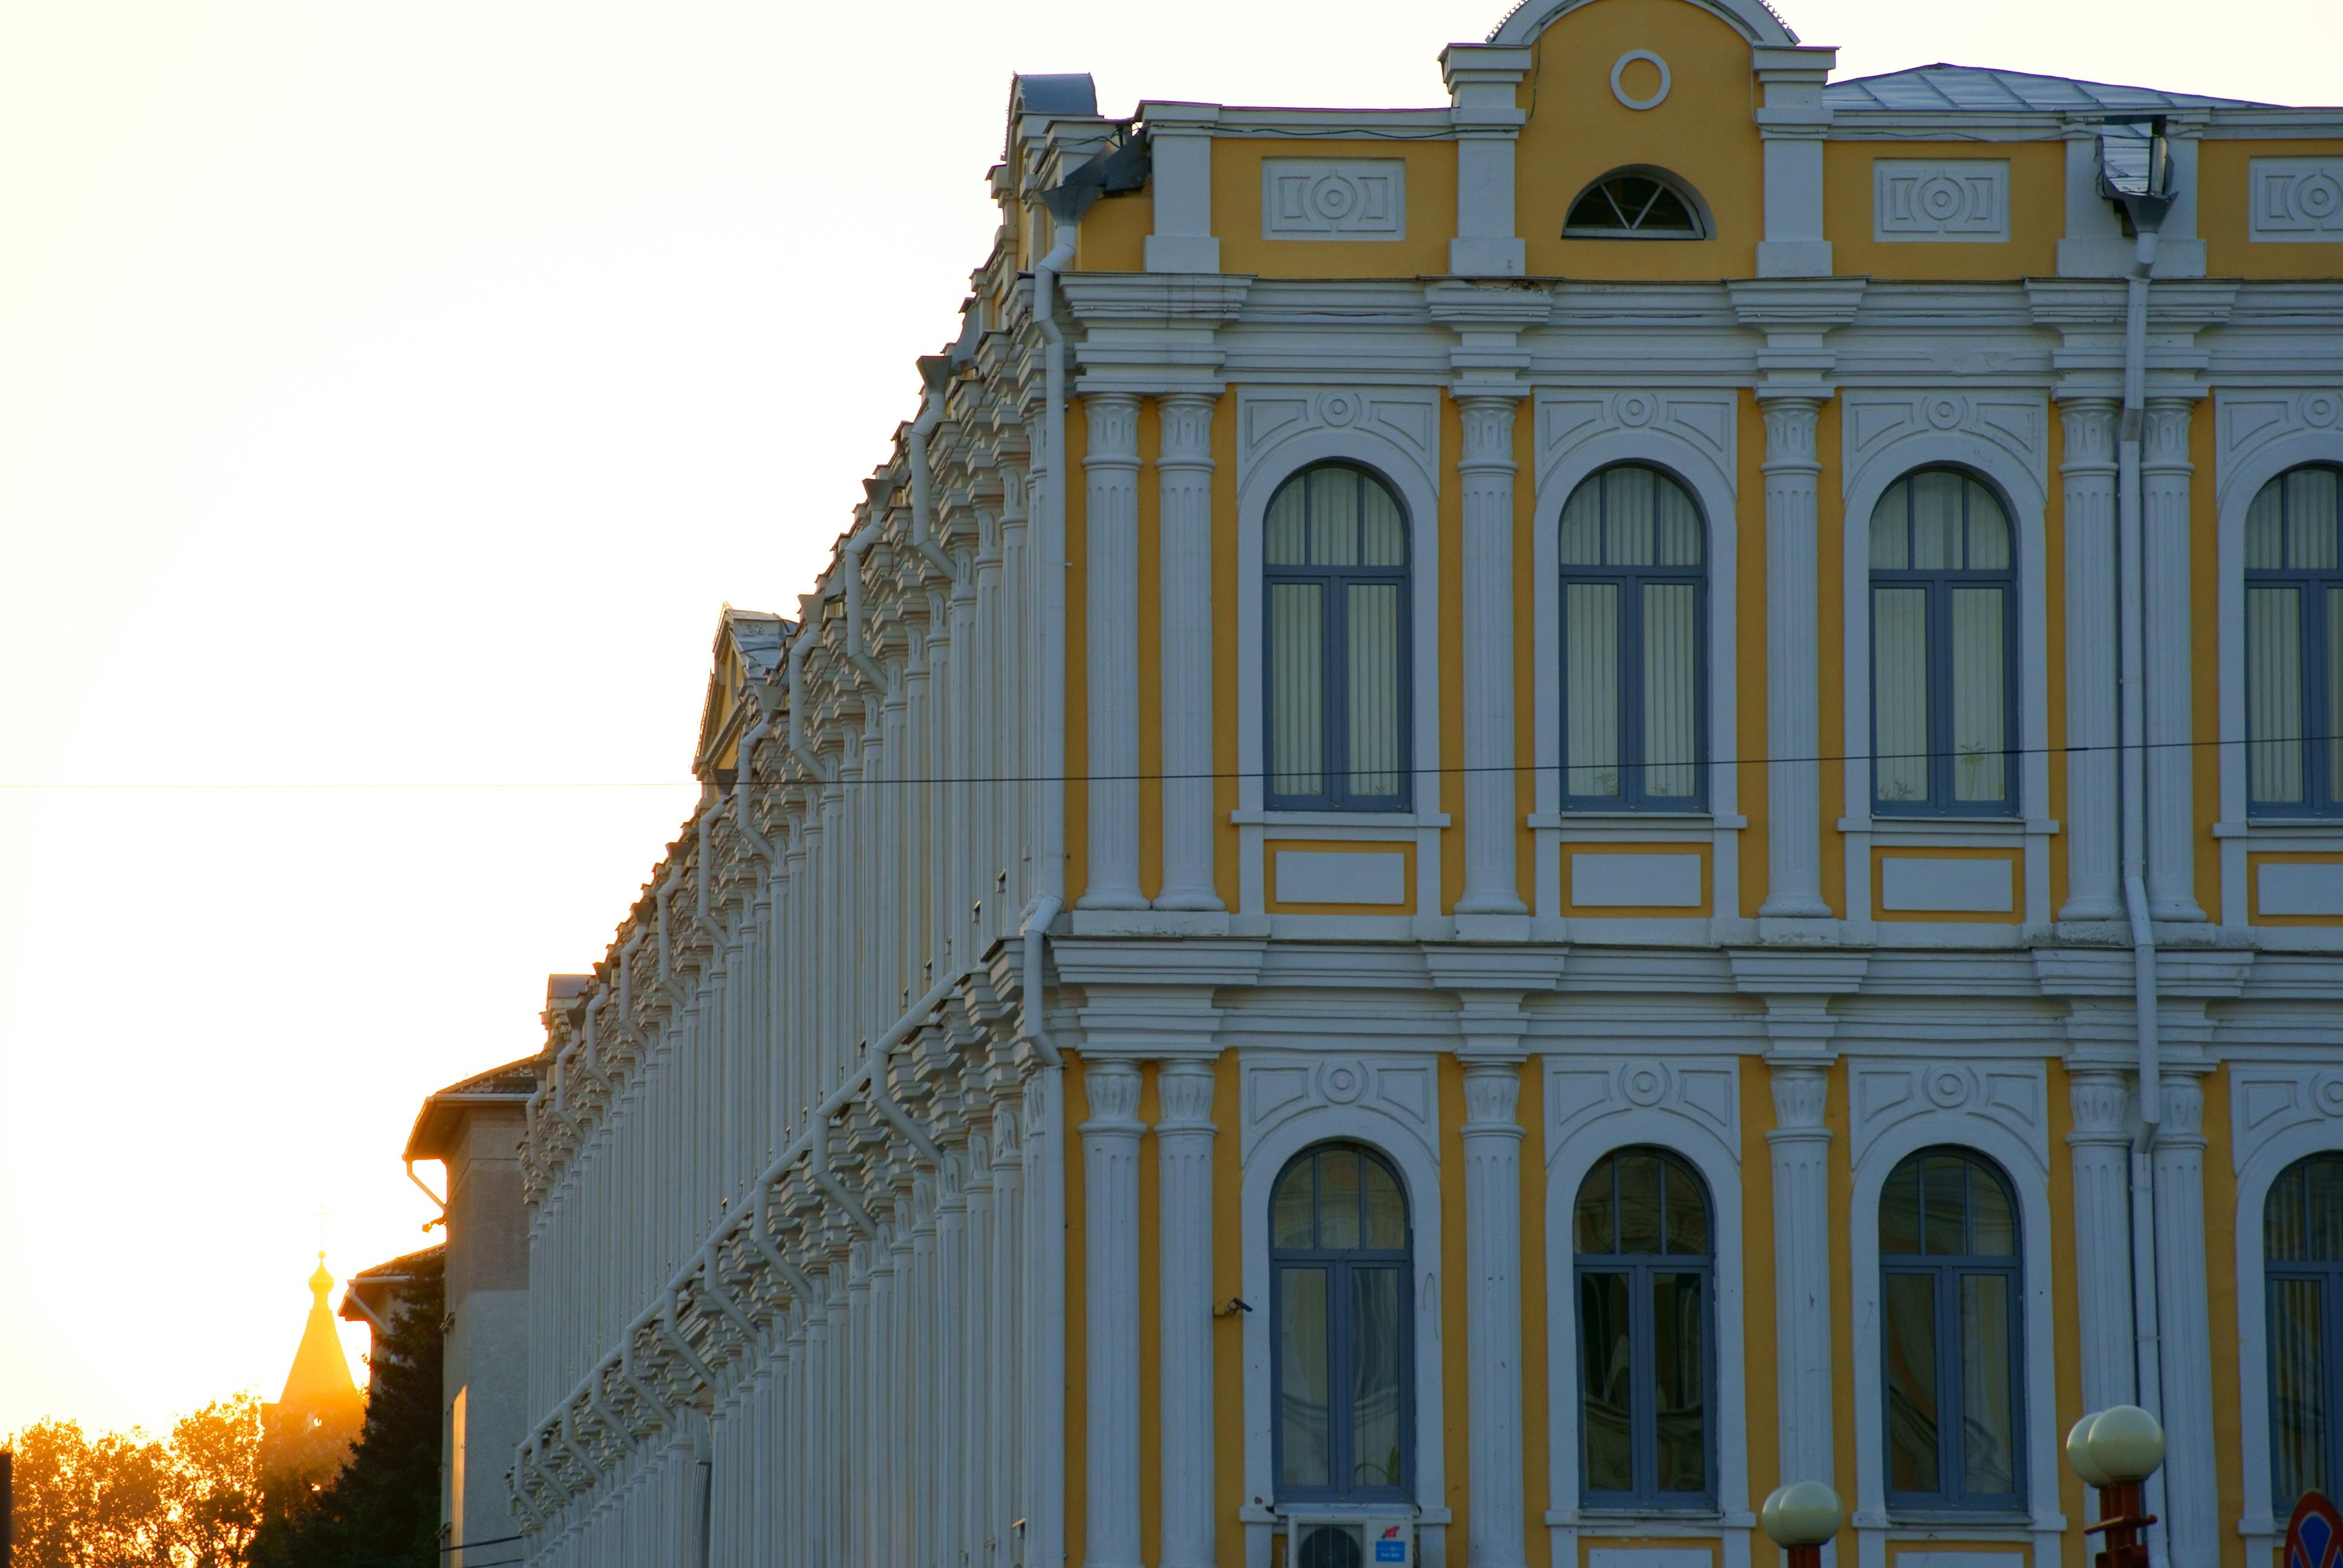 Государственный историко-культурный и природно-ландшафтный музей-заповедник имени Г. Н. Прозрителева и Г. К. Праве